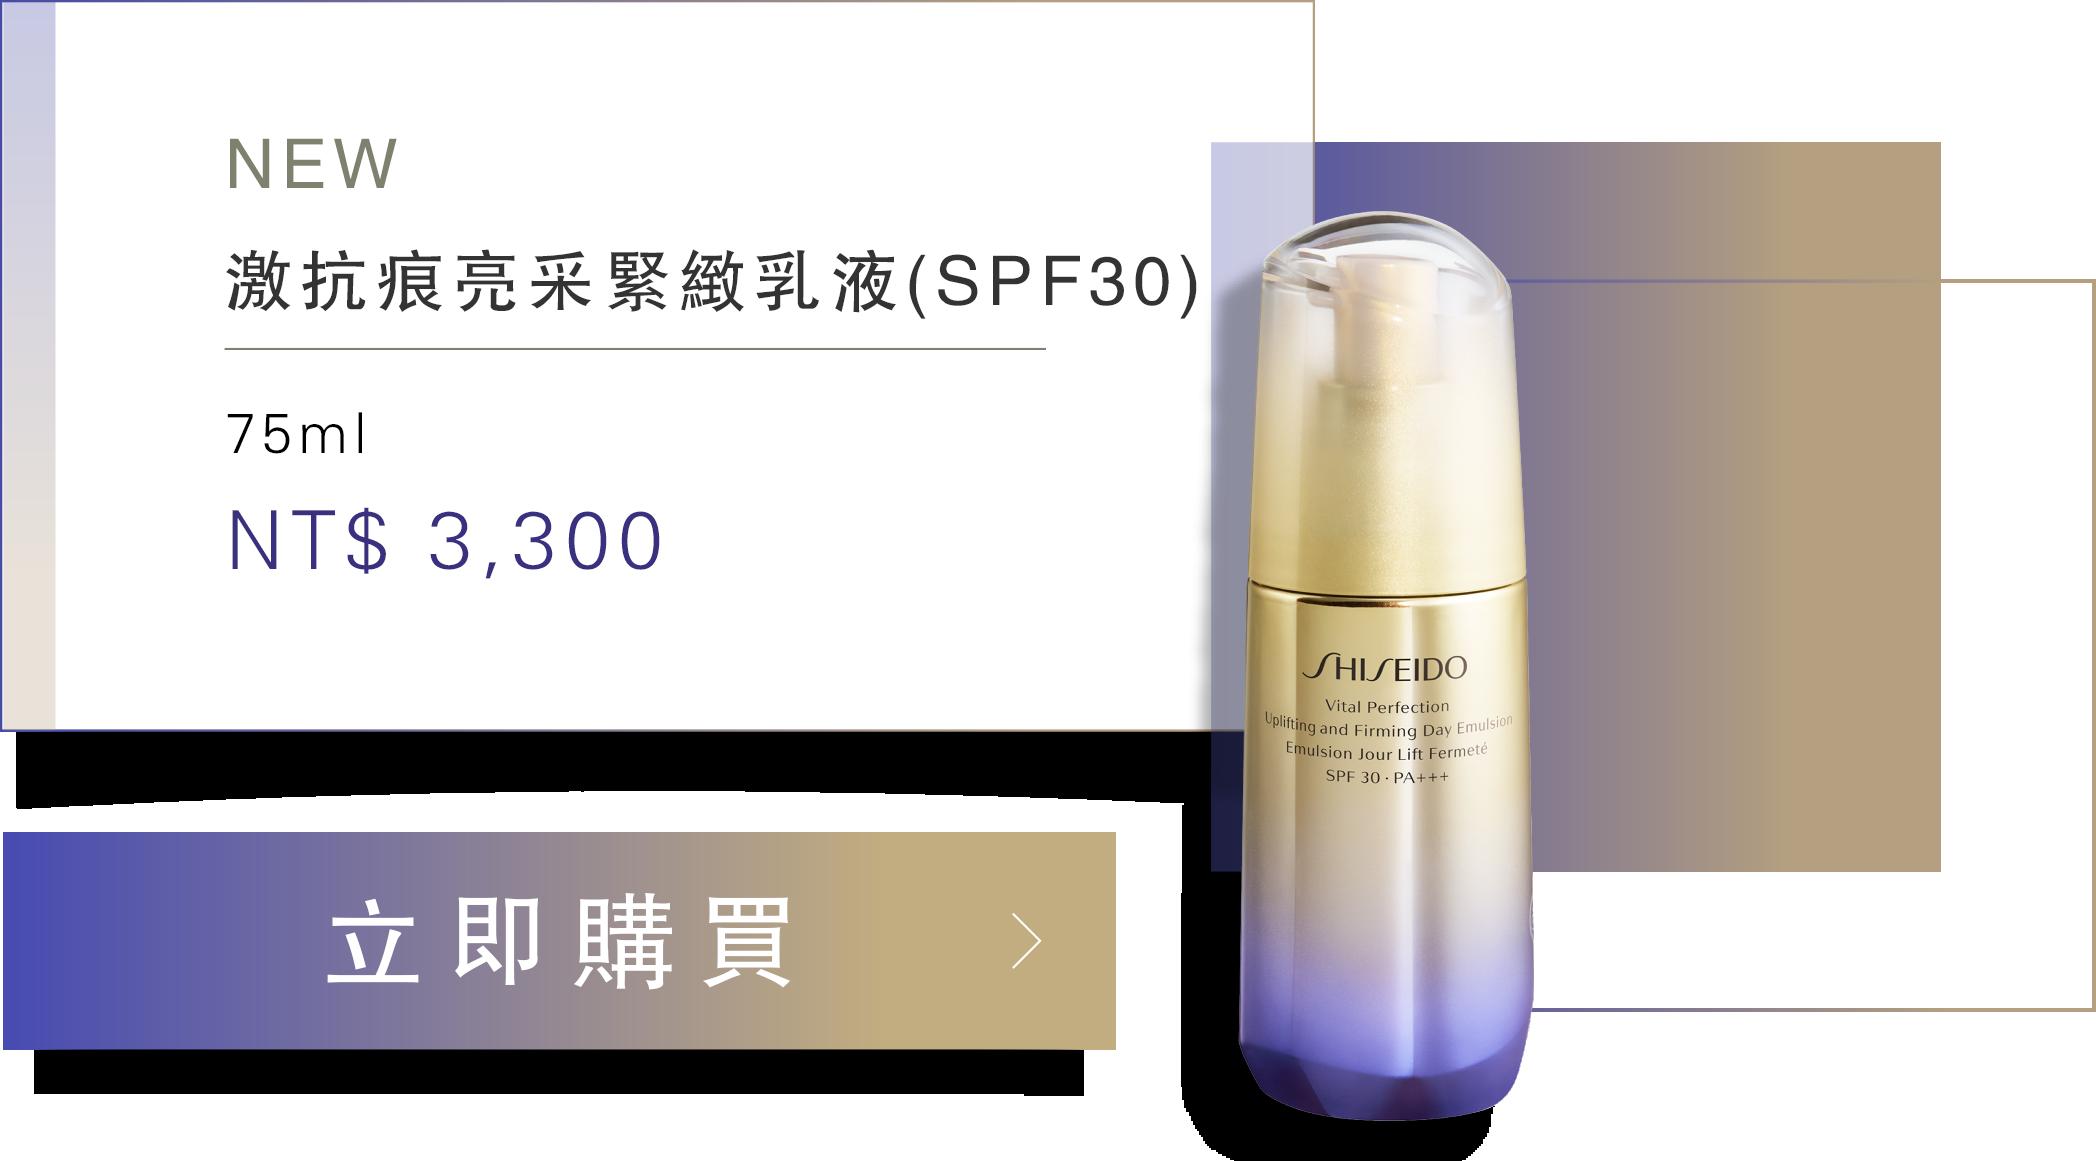 激抗痕亮采緊緻乳液(SPF30)